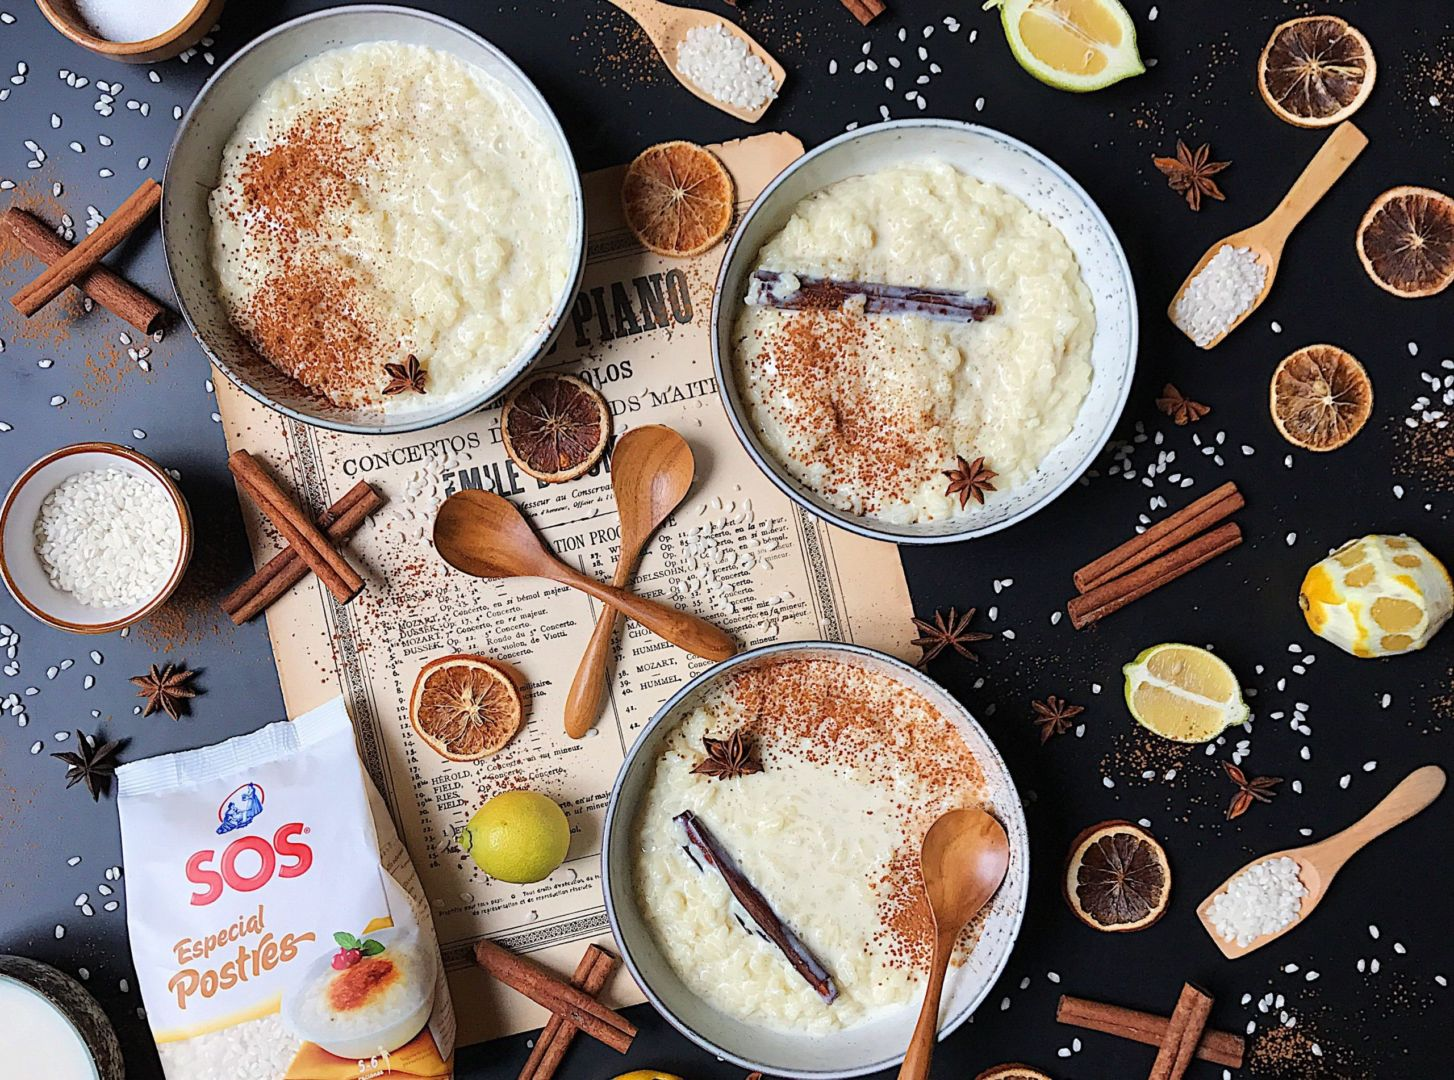 Arroz con leche casero by Laura Ponts